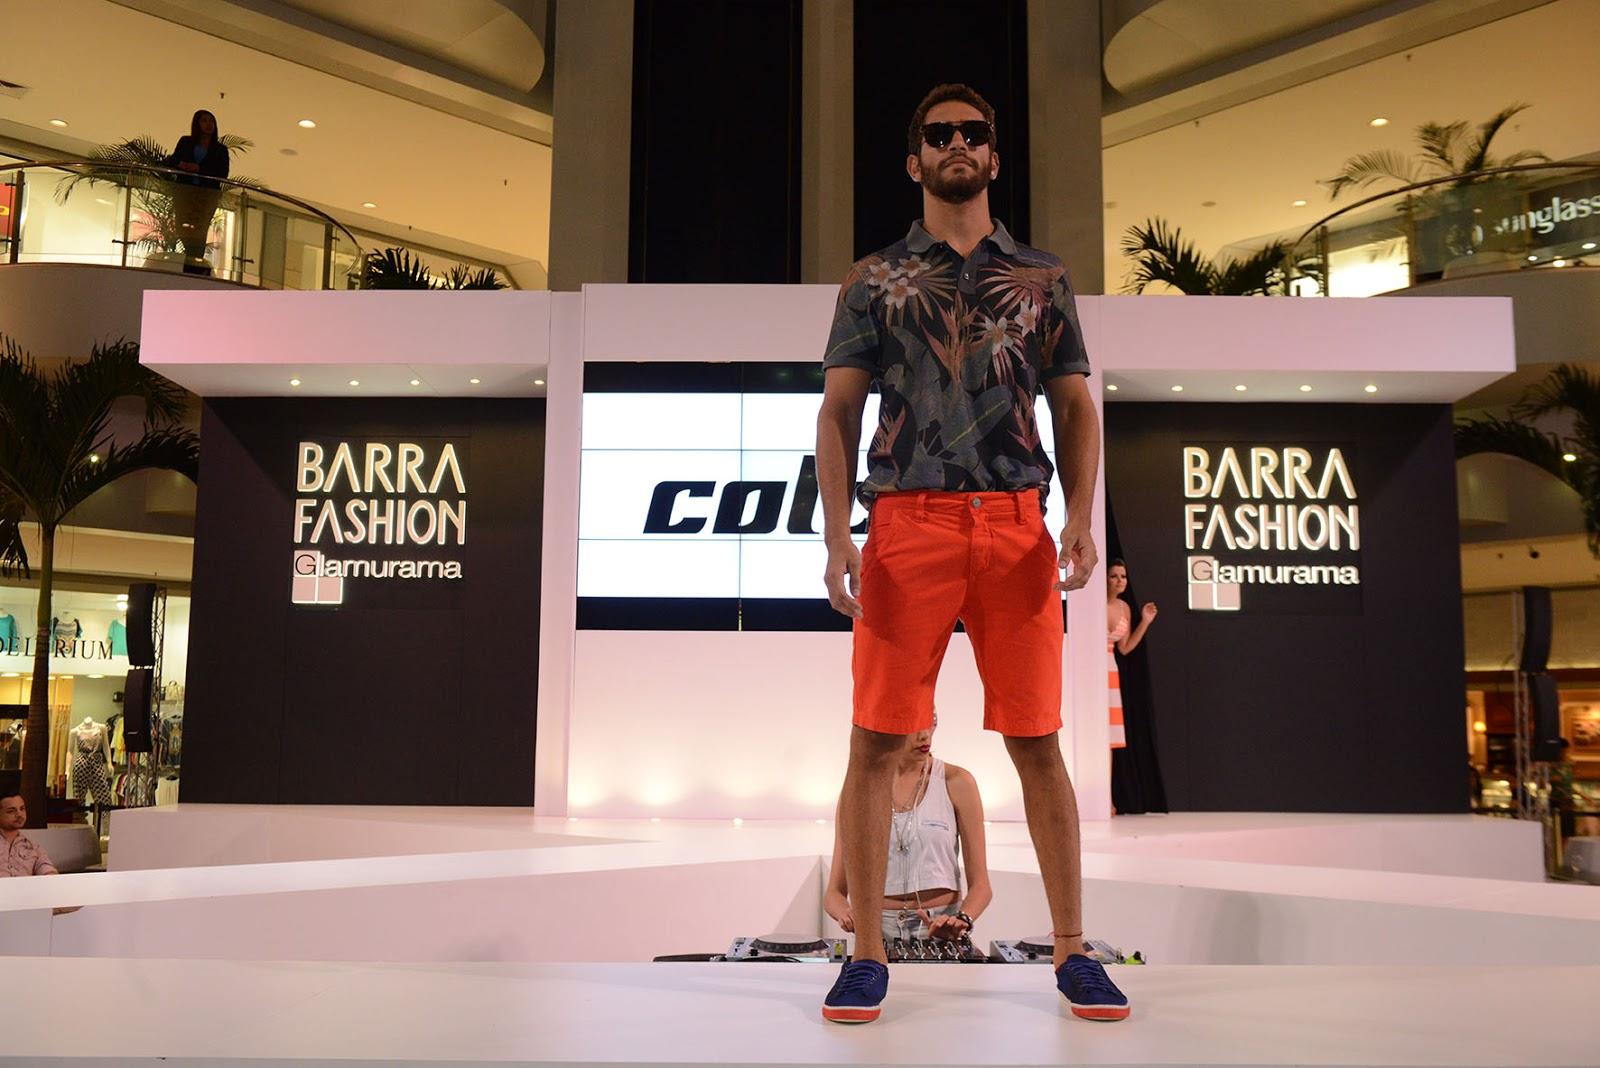 b5cdee0a628 Colcci faz campanha e dá destino a calças usadas  moda consciente ...